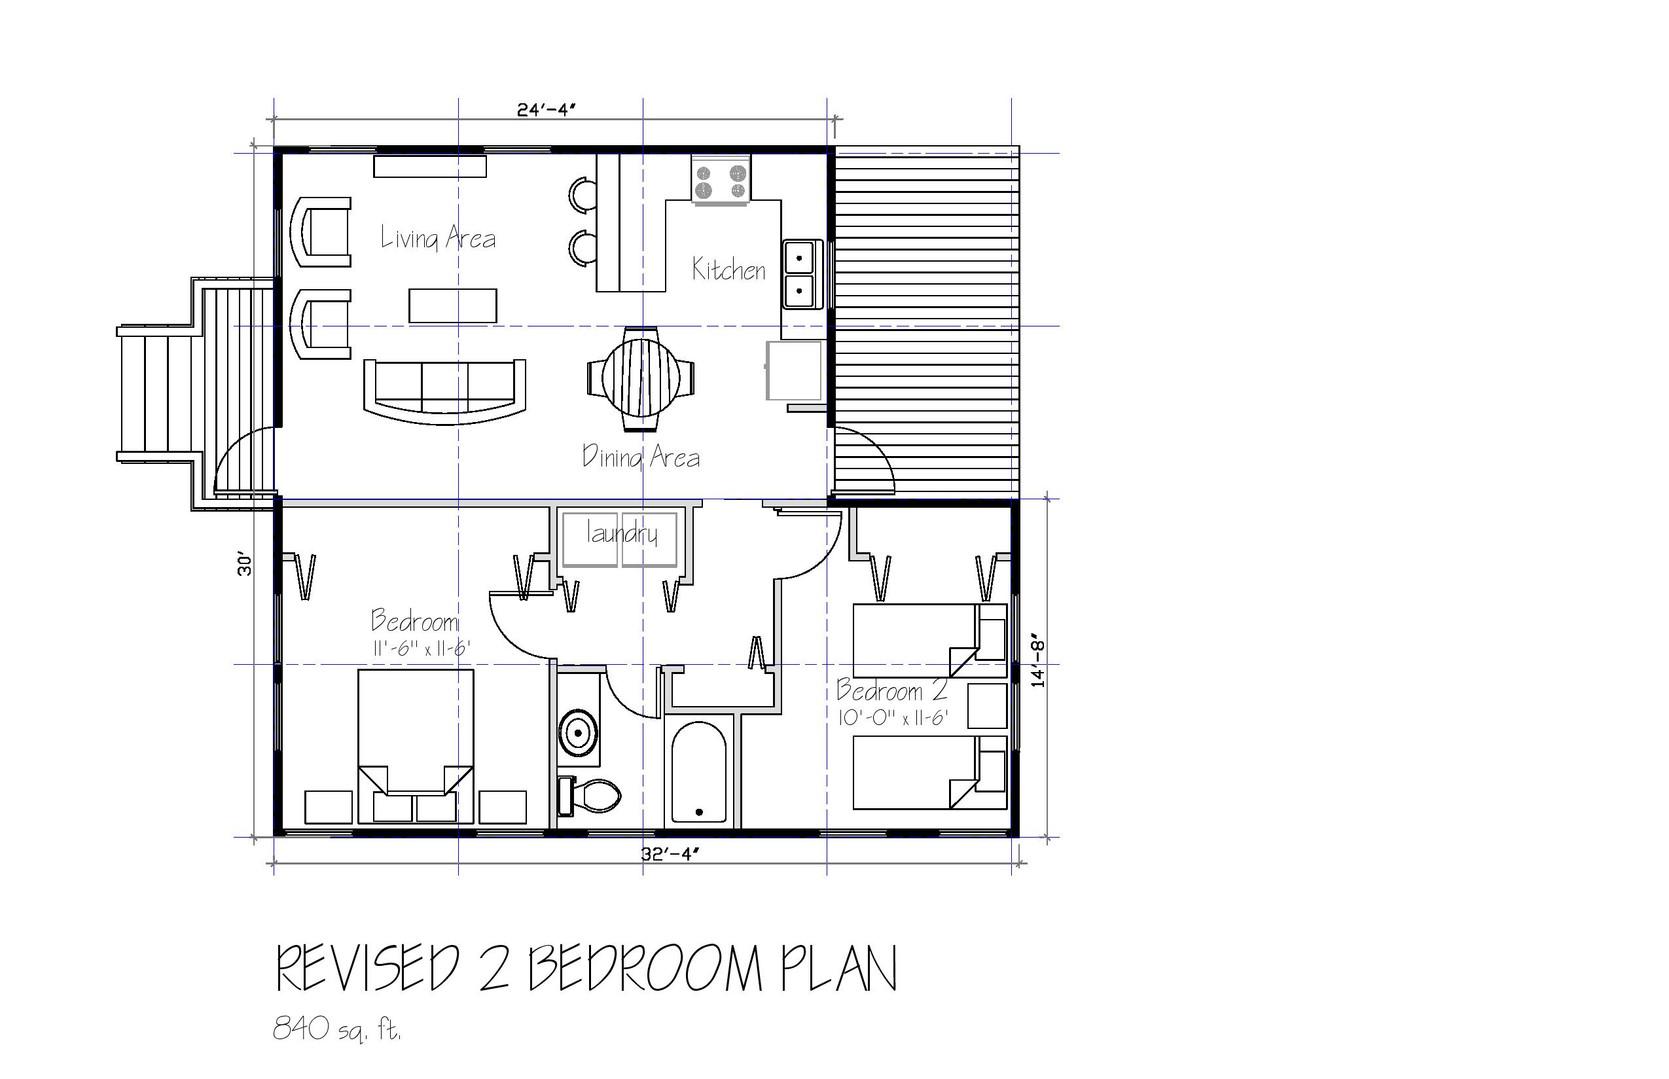 RESTORATION 2 Bedroom Plan (Revised)-pag